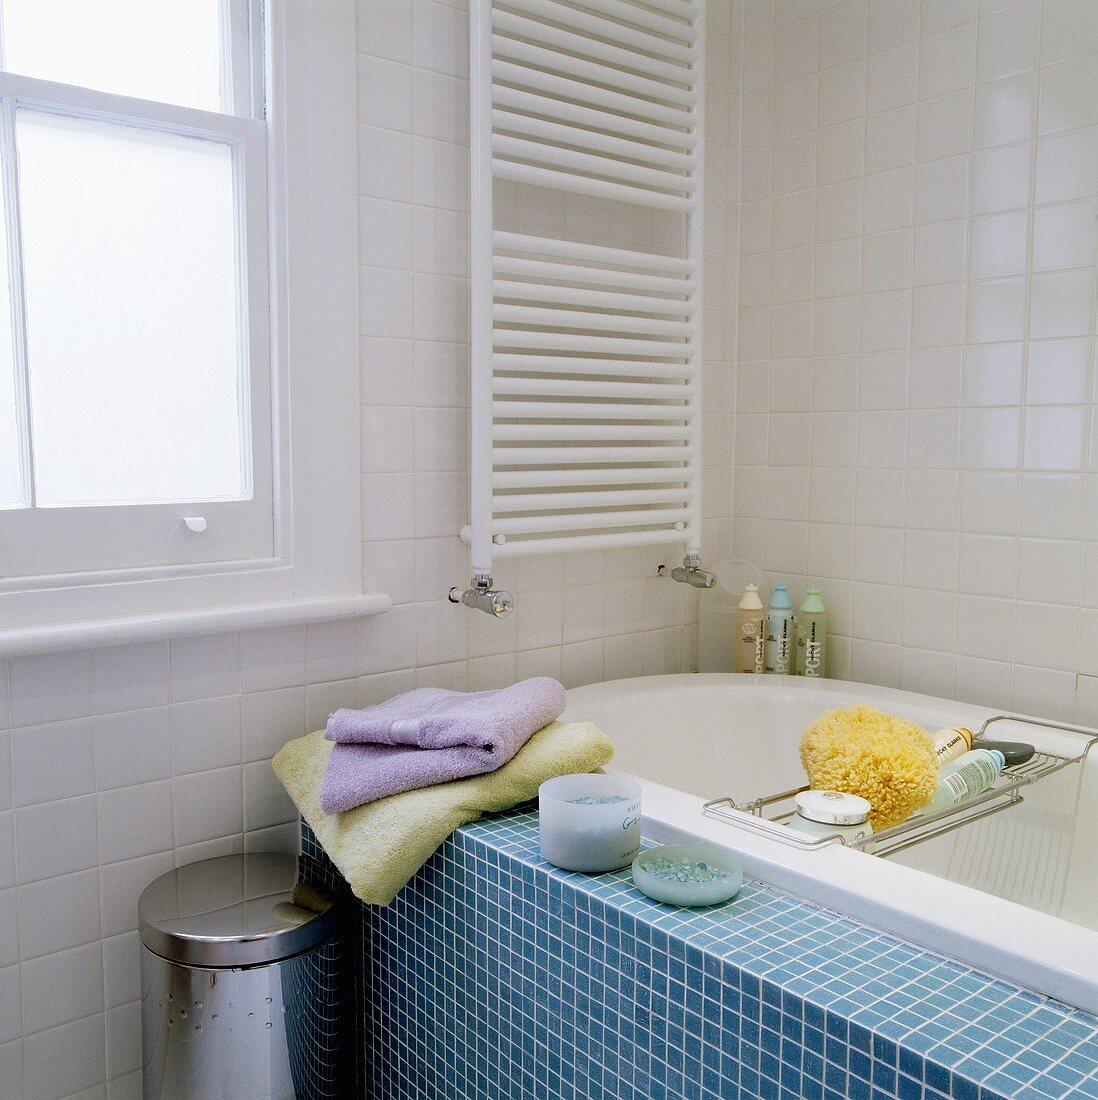 Badezimmer mit blauen Mosaikfliesen auf … – Bild kaufen – 20 ...